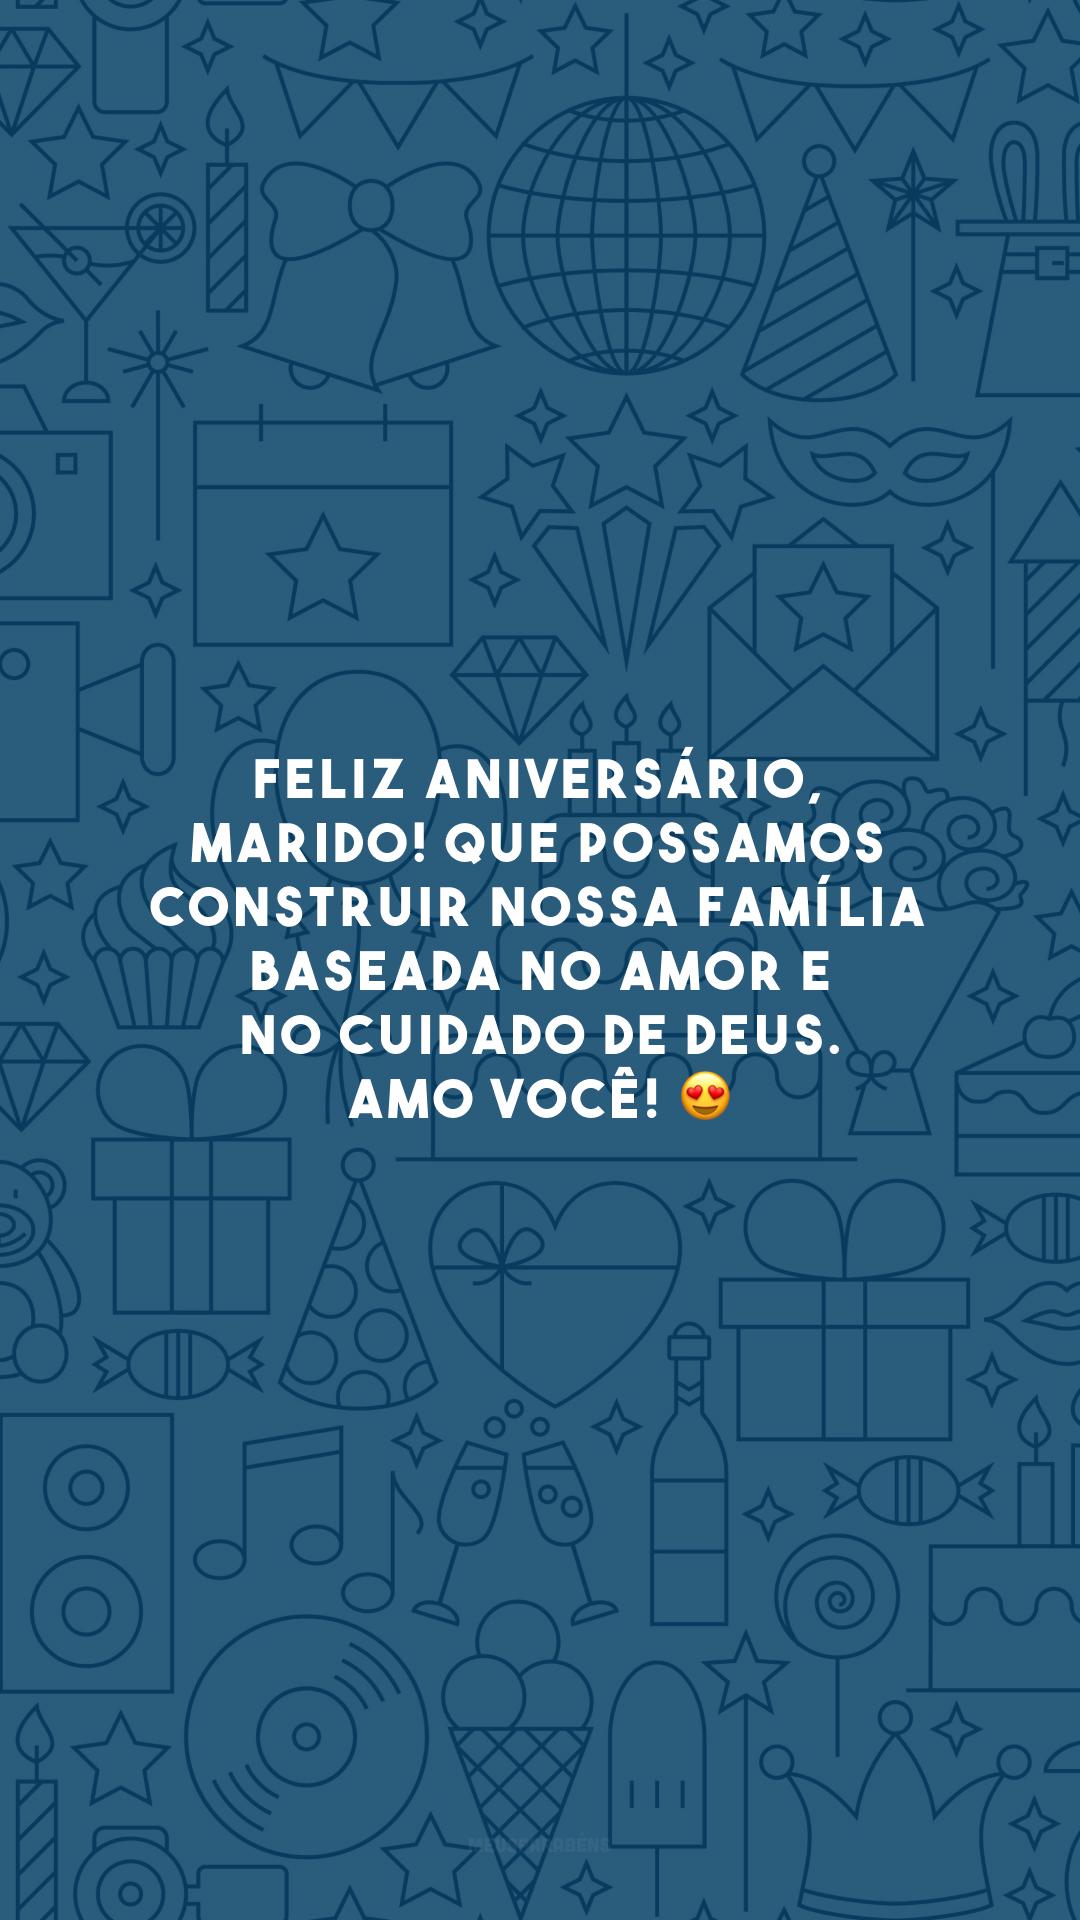 Feliz aniversário, marido! Que possamos construir nossa família baseada no amor e no cuidado de Deus. Amo você! 😍